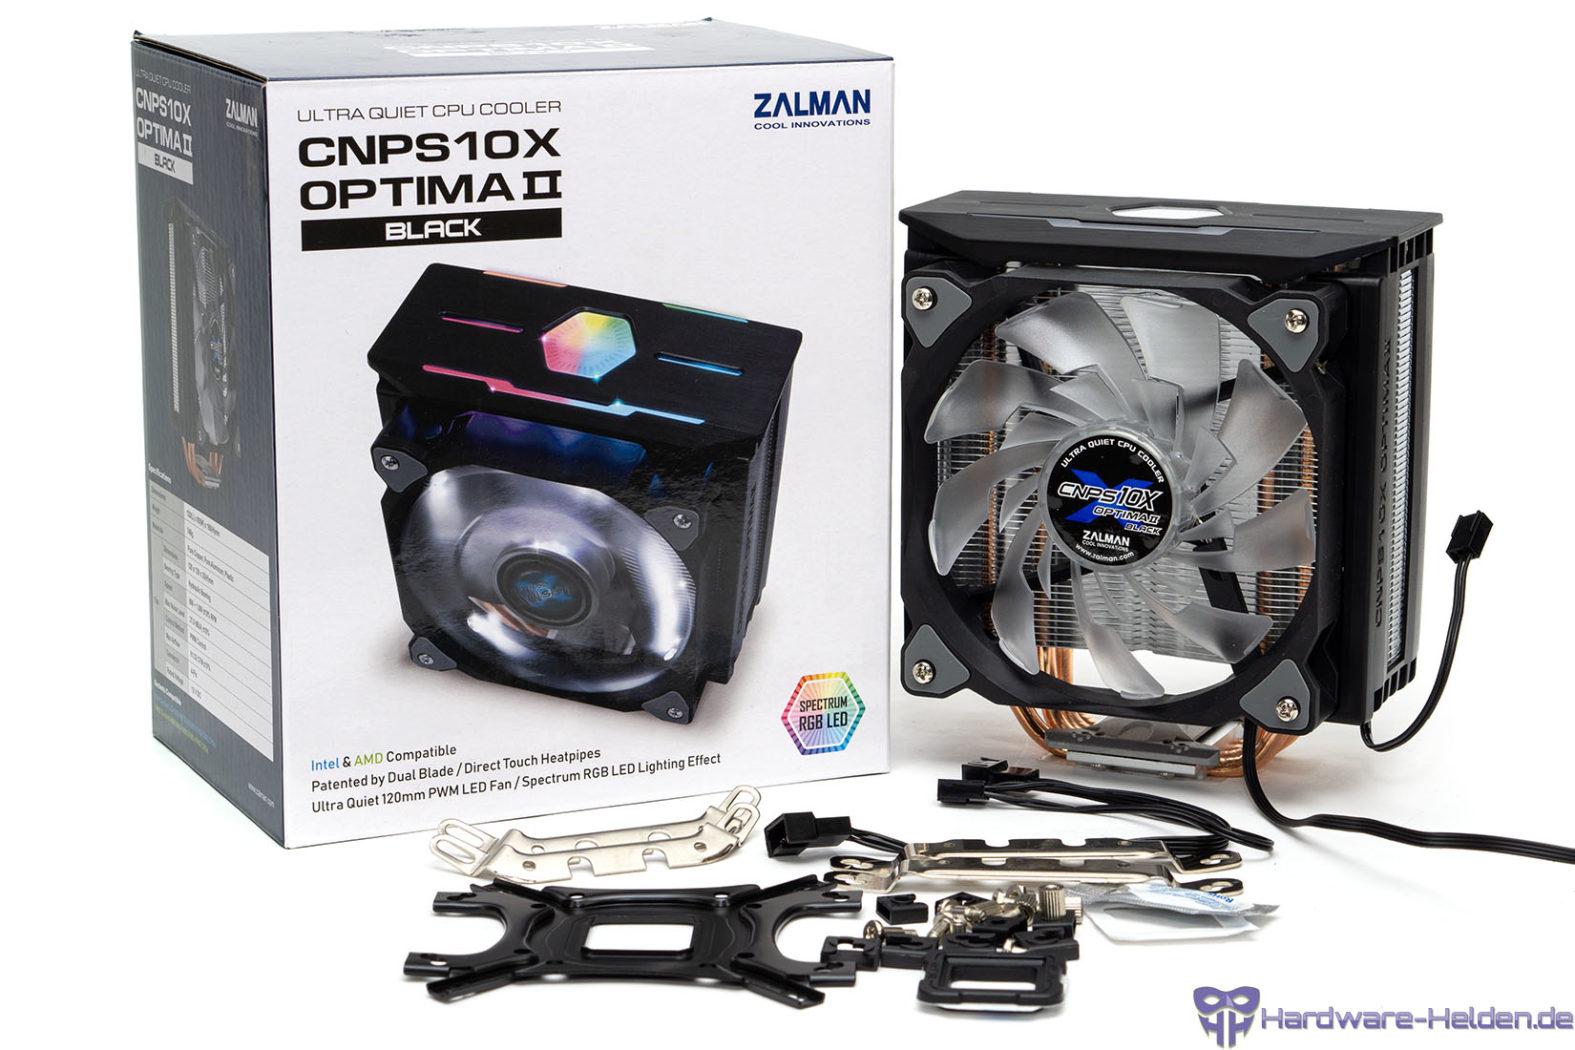 Zalman CNPS10X